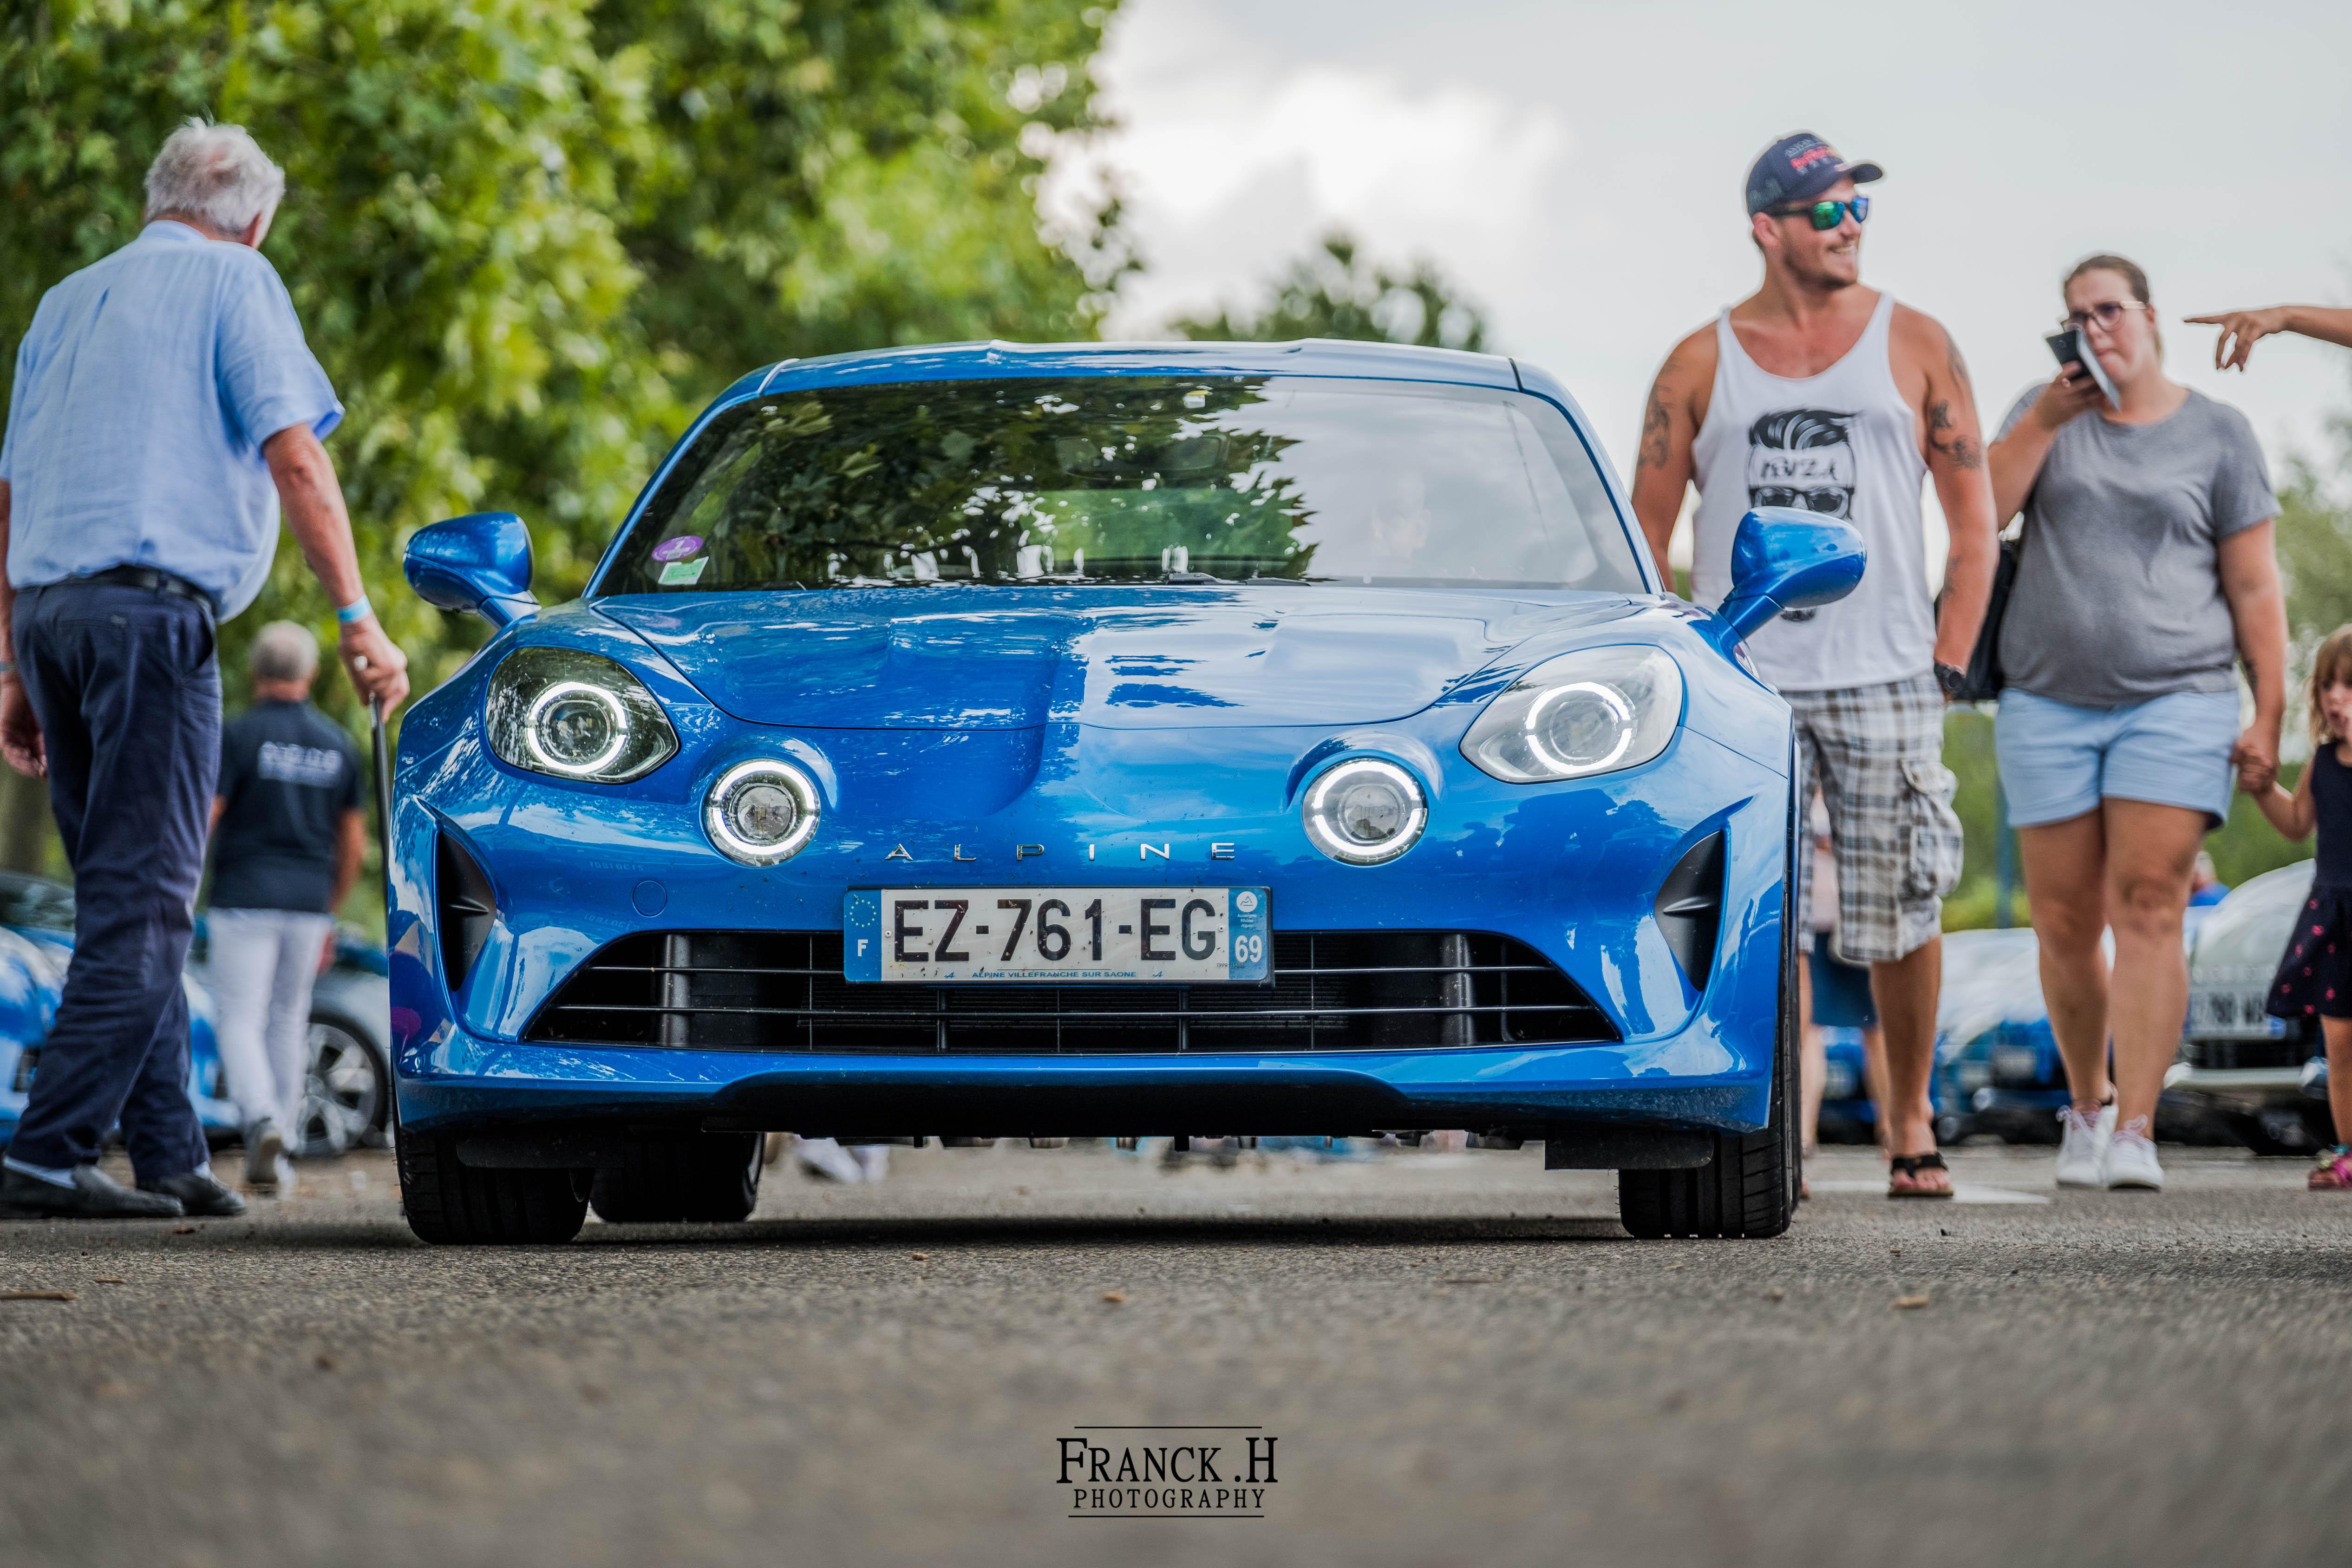 1ère Rencontre Franco Suisse Alpine A110 Divonne Franck H Photography 18 | 1ère Rencontre Franco-Suisse Alpine par Franck H Photography